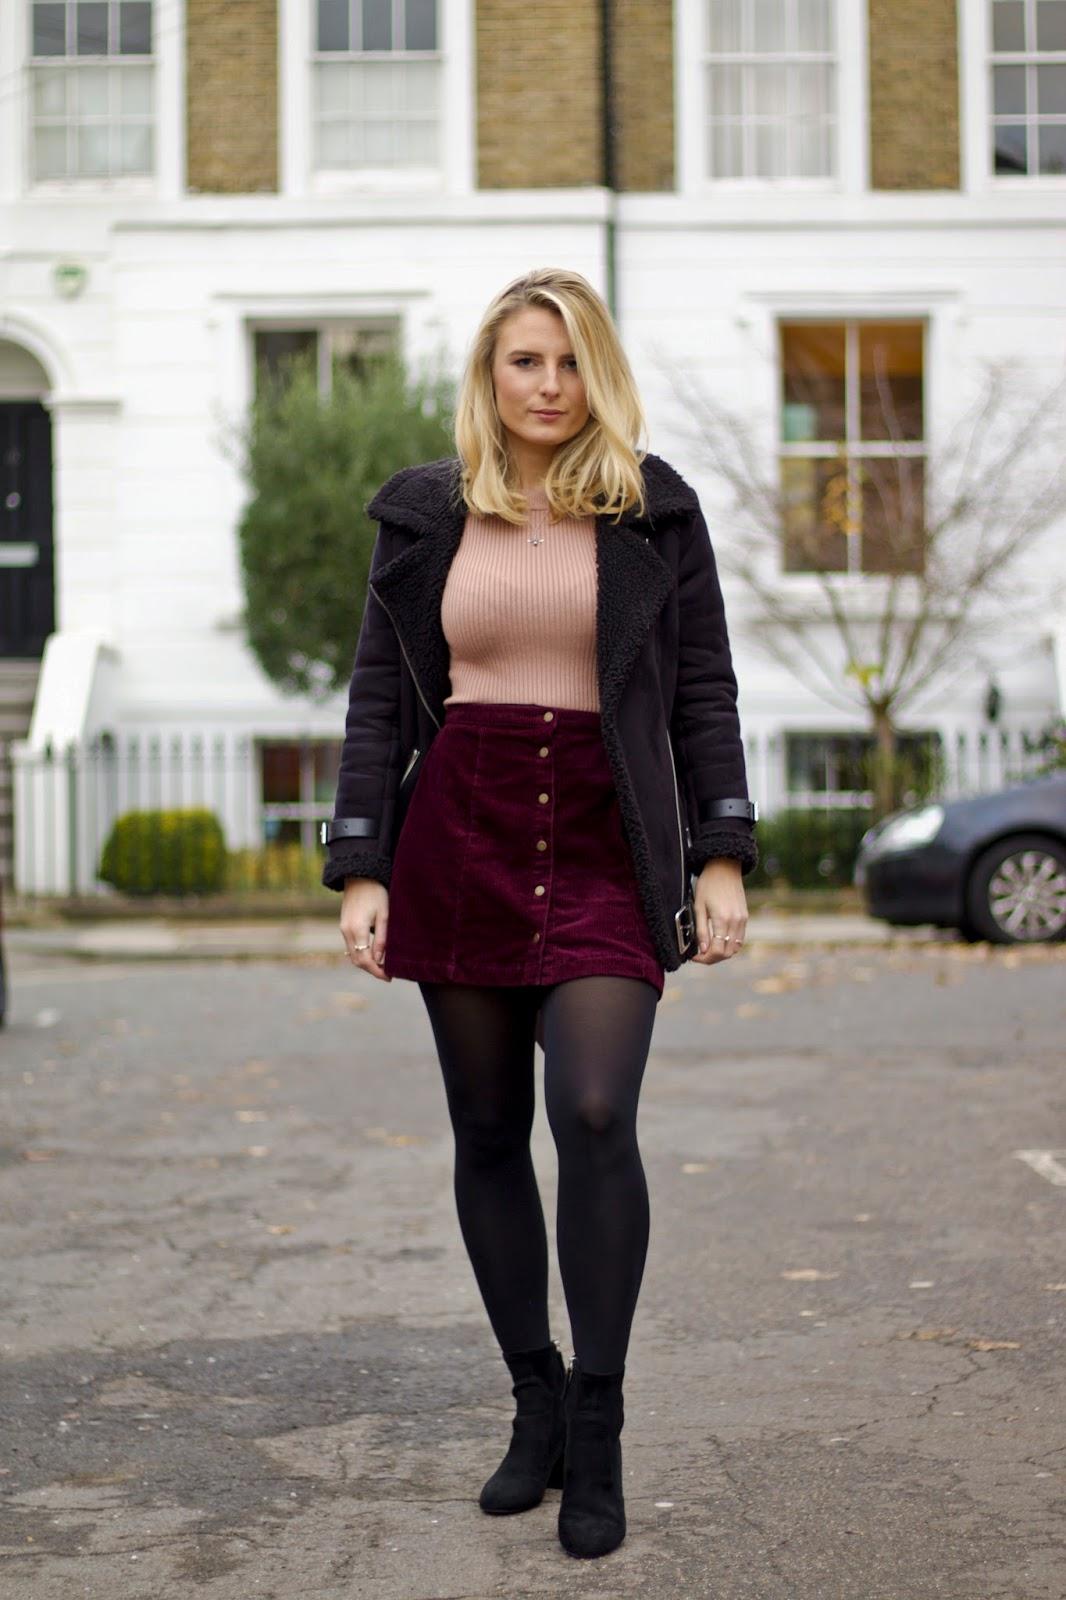 H&M Top New Look Jacket Zara Heels